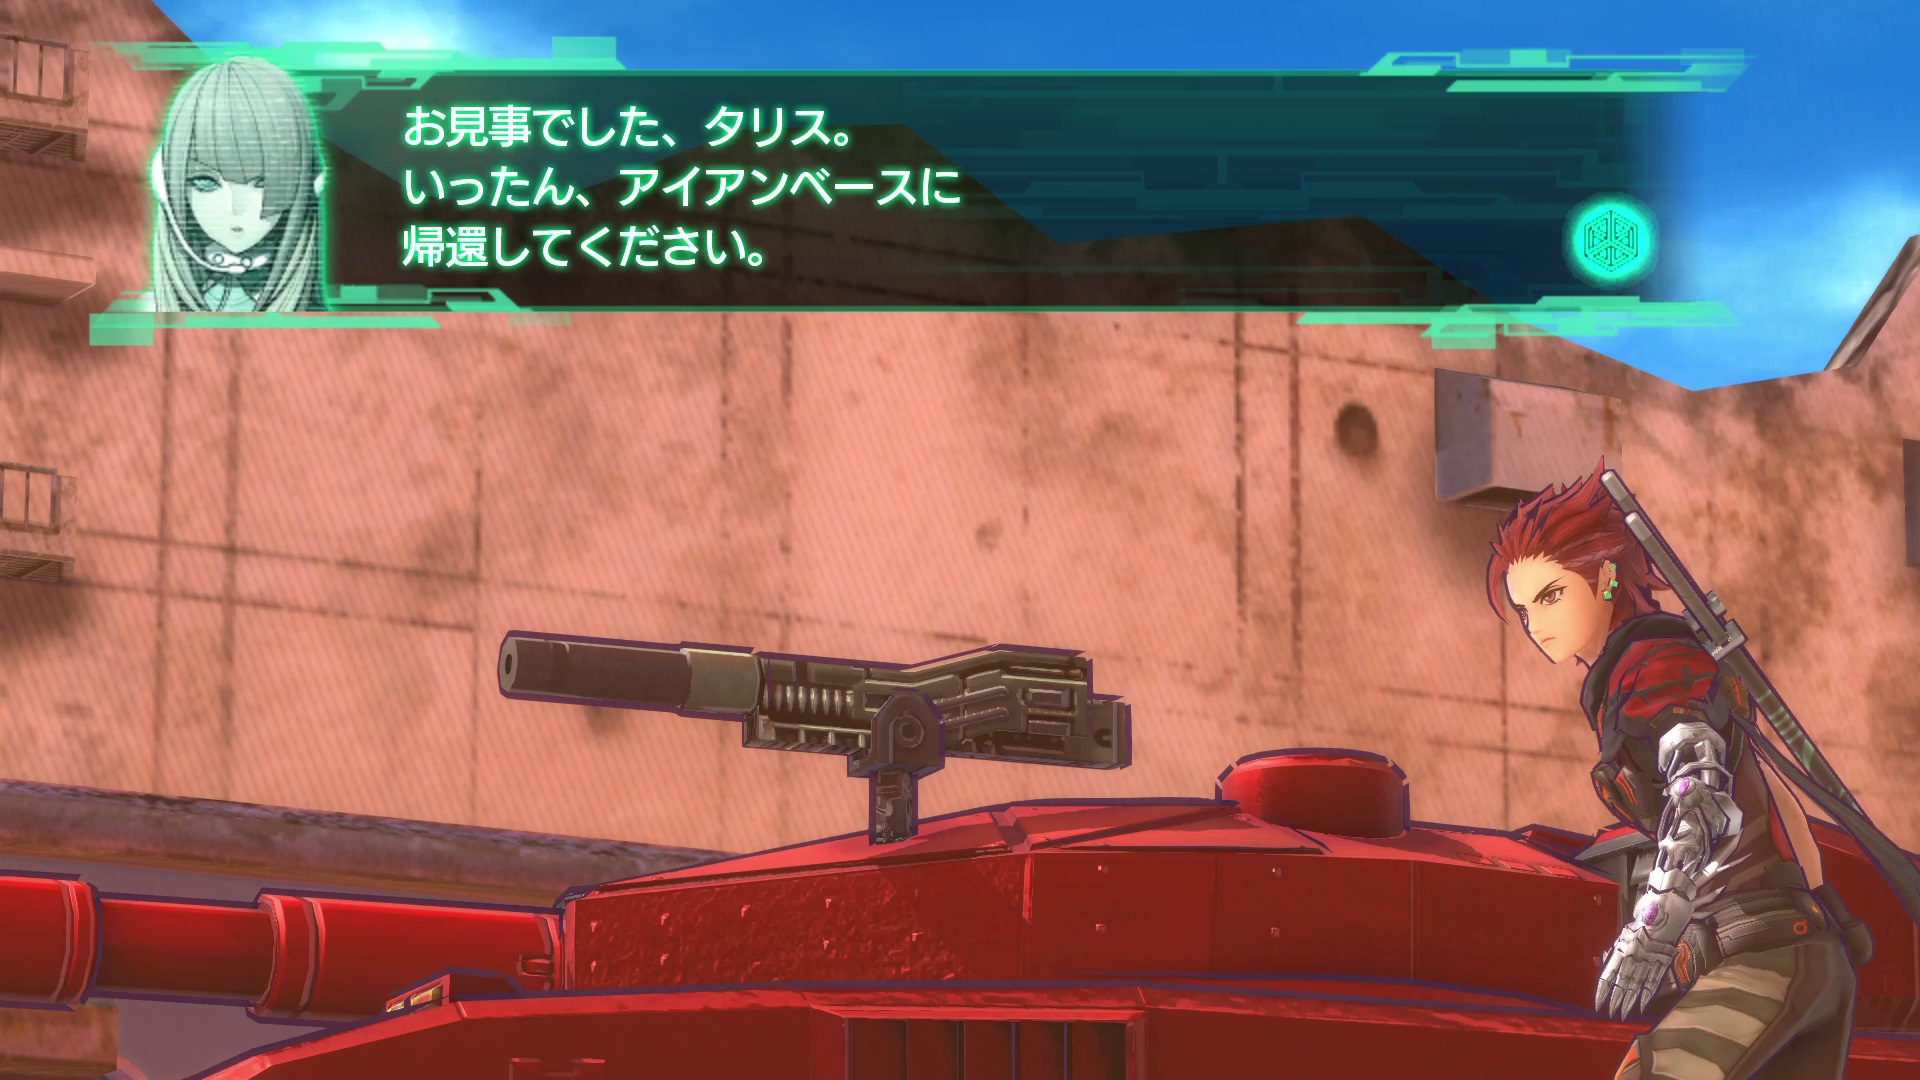 bcZHdmit3imsw - 【画像】PS4「メタルマックス 最新作」をご覧ください